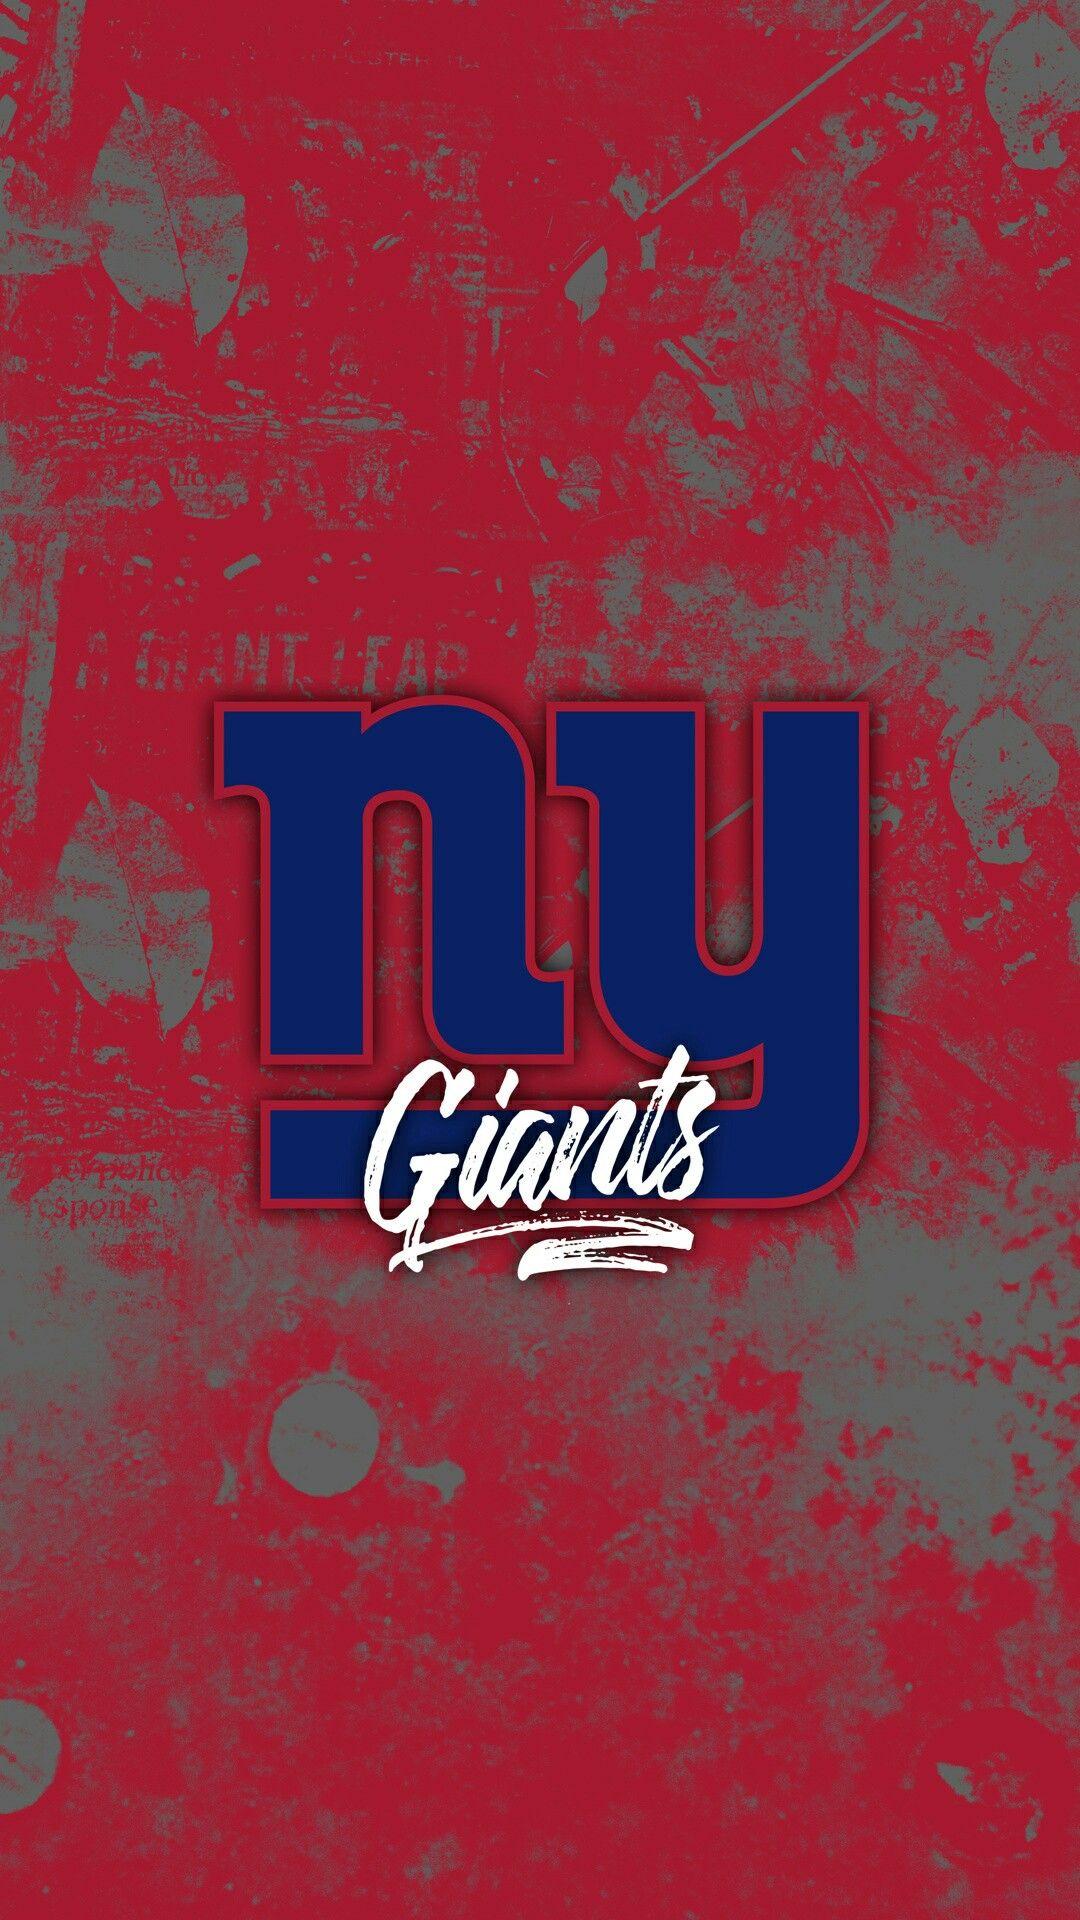 New York Giants Wallpaper New York Giants Logo New York Giants New York Giants Football